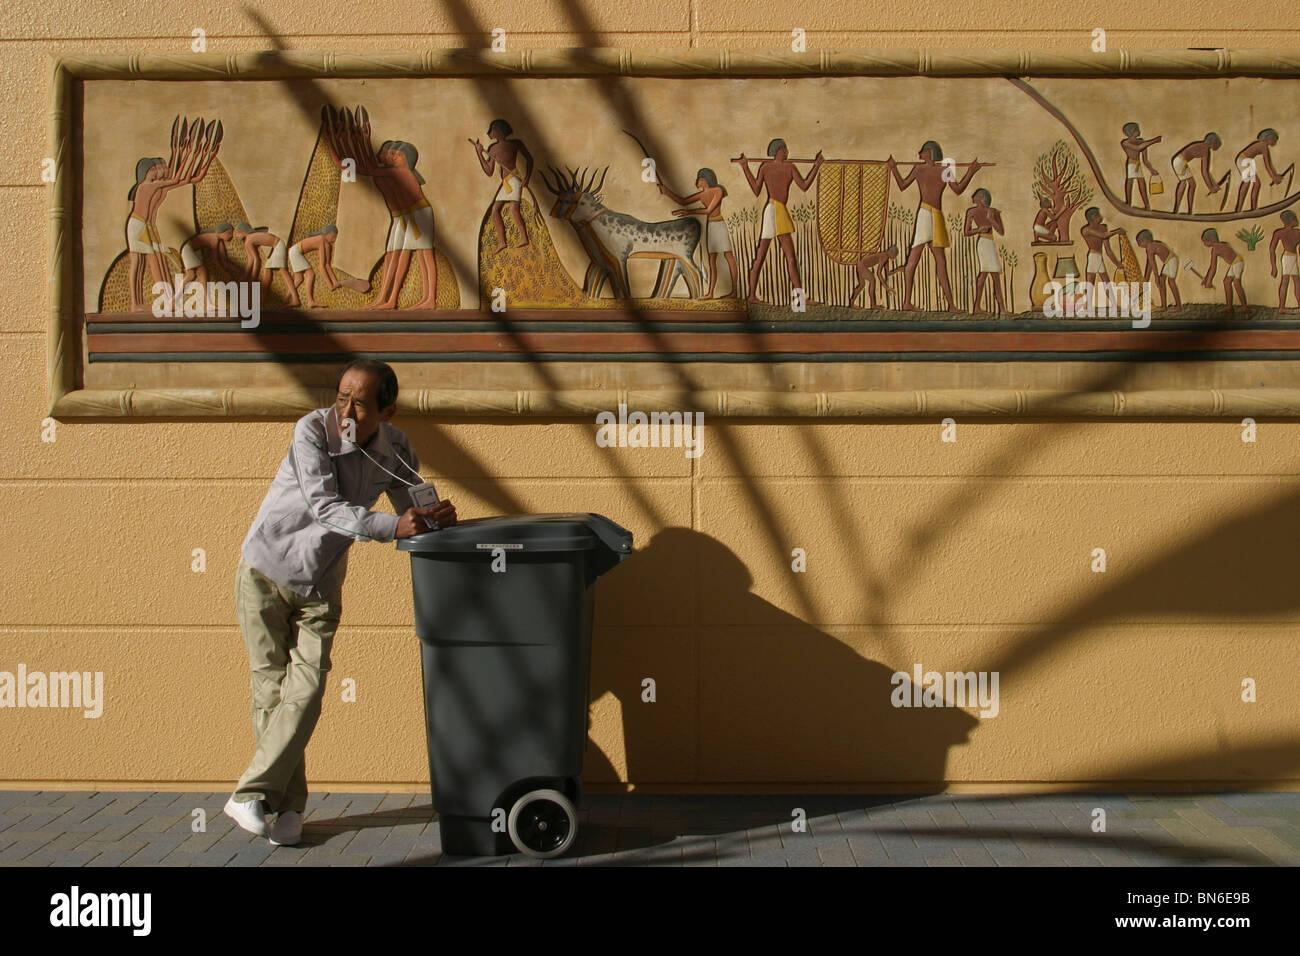 El Pabellón de Egipto en la EXPO 2005 Aichi, Japón. 19.03.05 Imagen De Stock